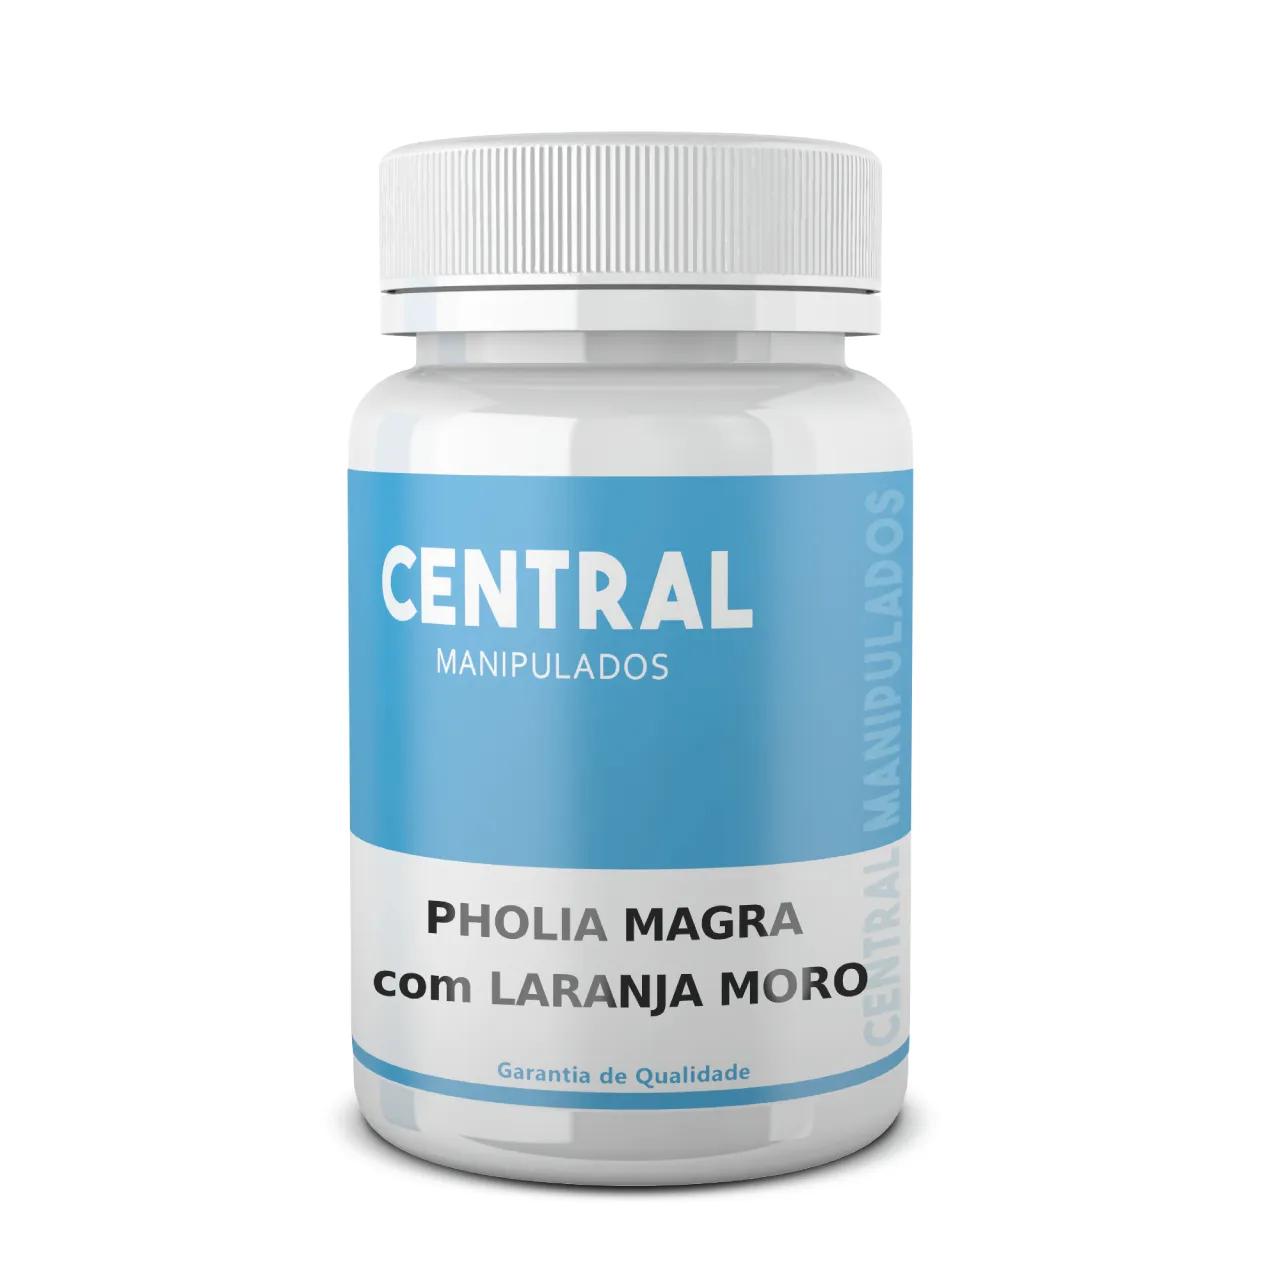 Pholia Magra 300mg + Laranja Moro 200mg - 30 cápsulas - Perda de Peso, Controle Apetite, Evita o inchaço e a Celulite